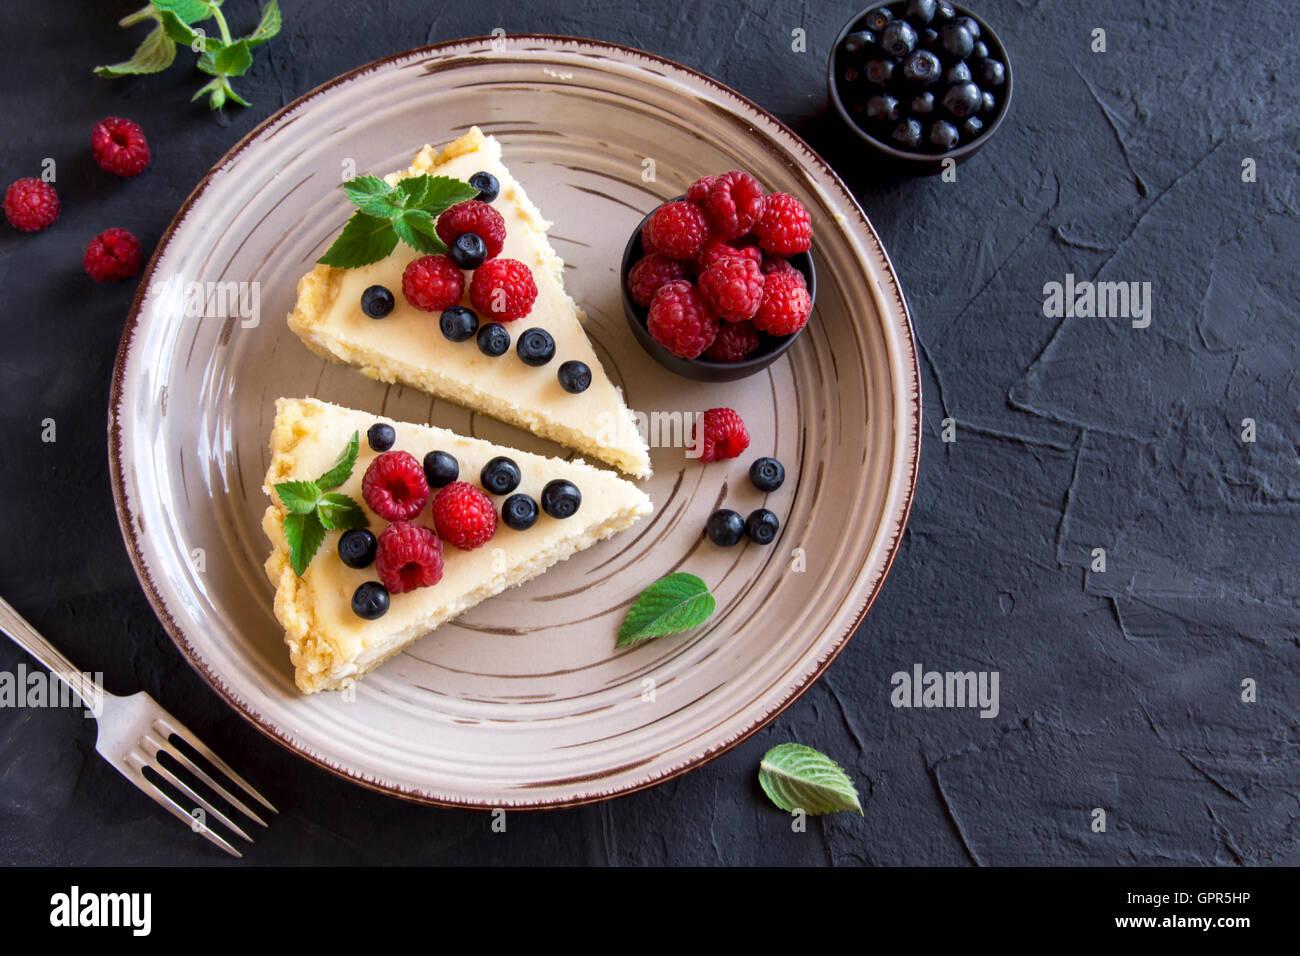 In casa la cheesecake con frutti di bosco freschi e menta per dessert Immagini Stock